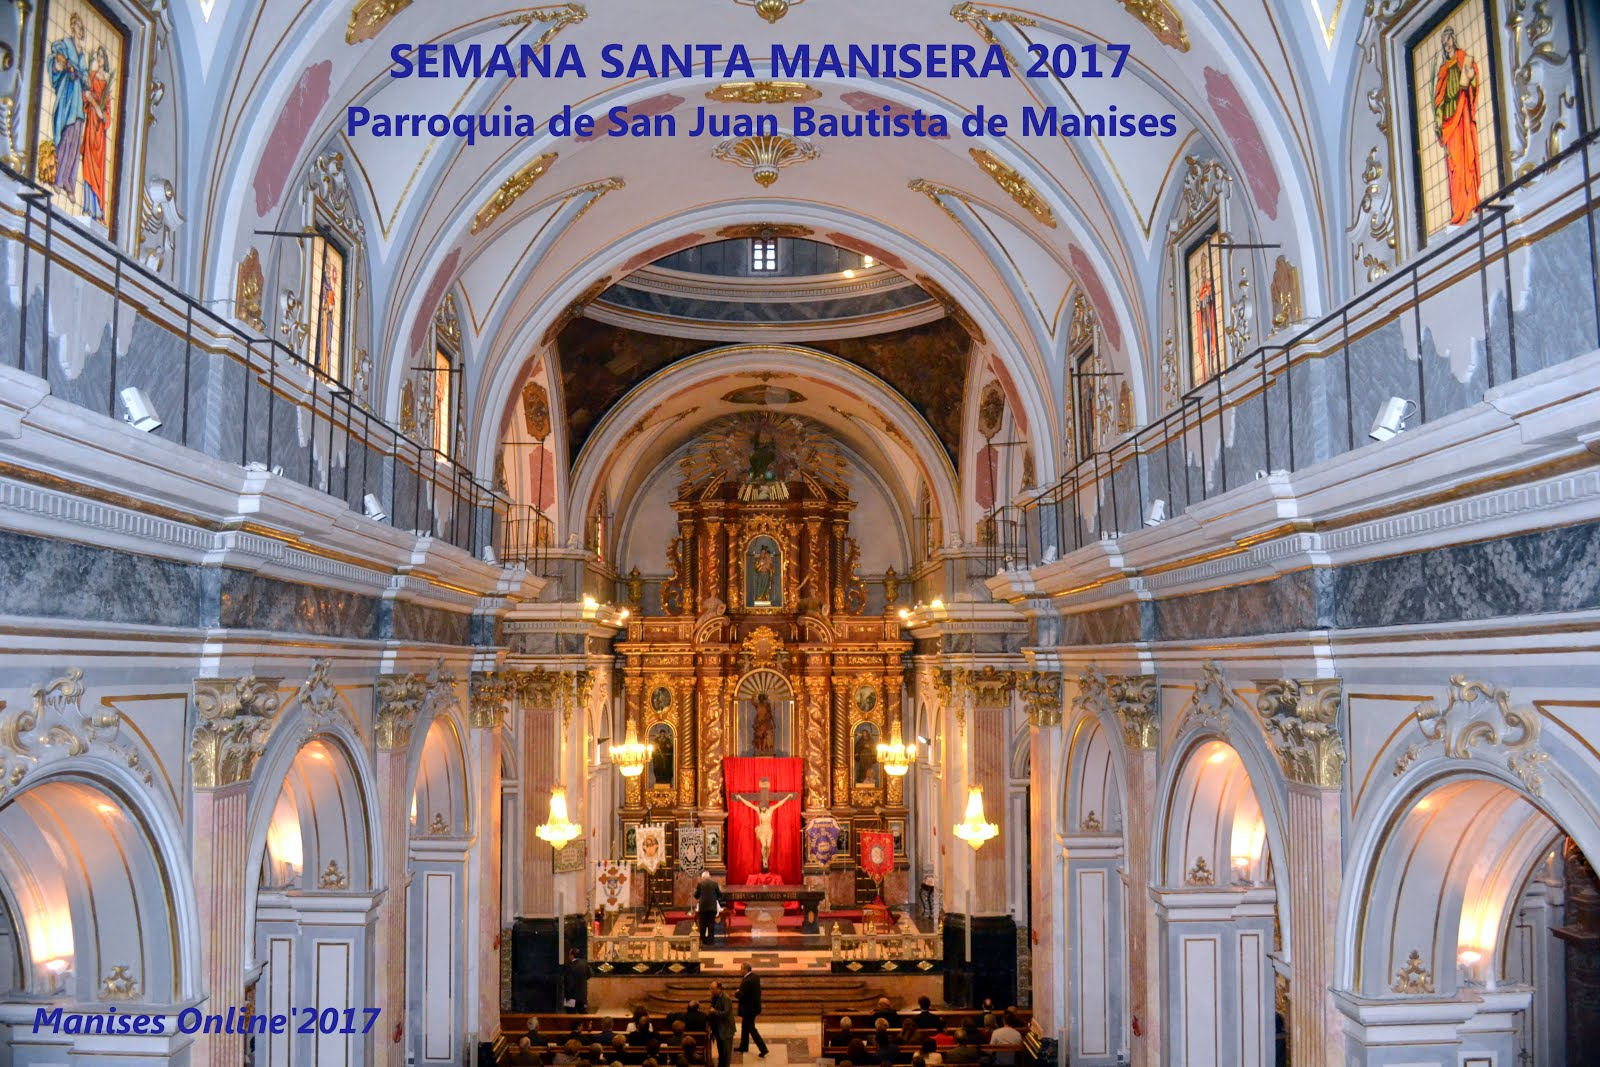 01.04.17 SEMANA SANTA MANI SERA,EL PREGÓ EN LA PARRO- QUIA DE SANT JOAN BATISTE.